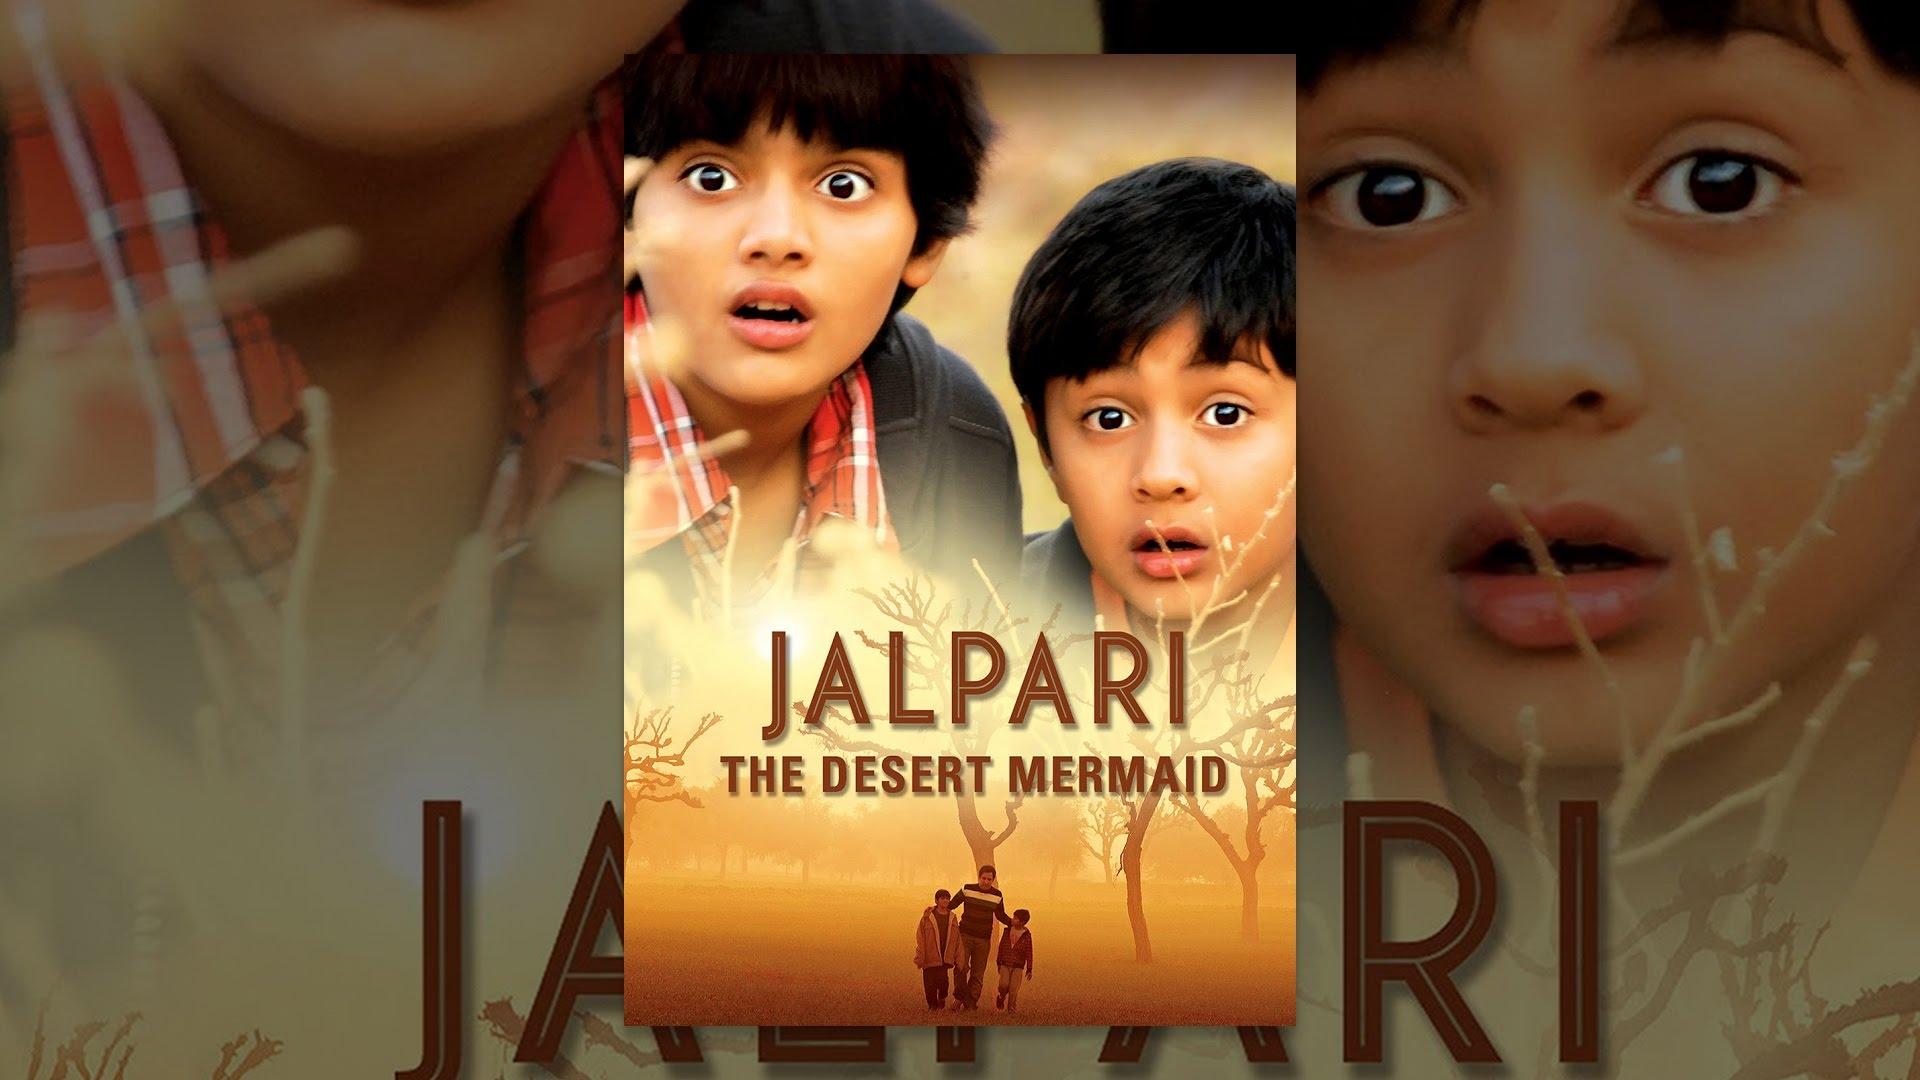 Jalpari: the desert mermaid wikipedia.